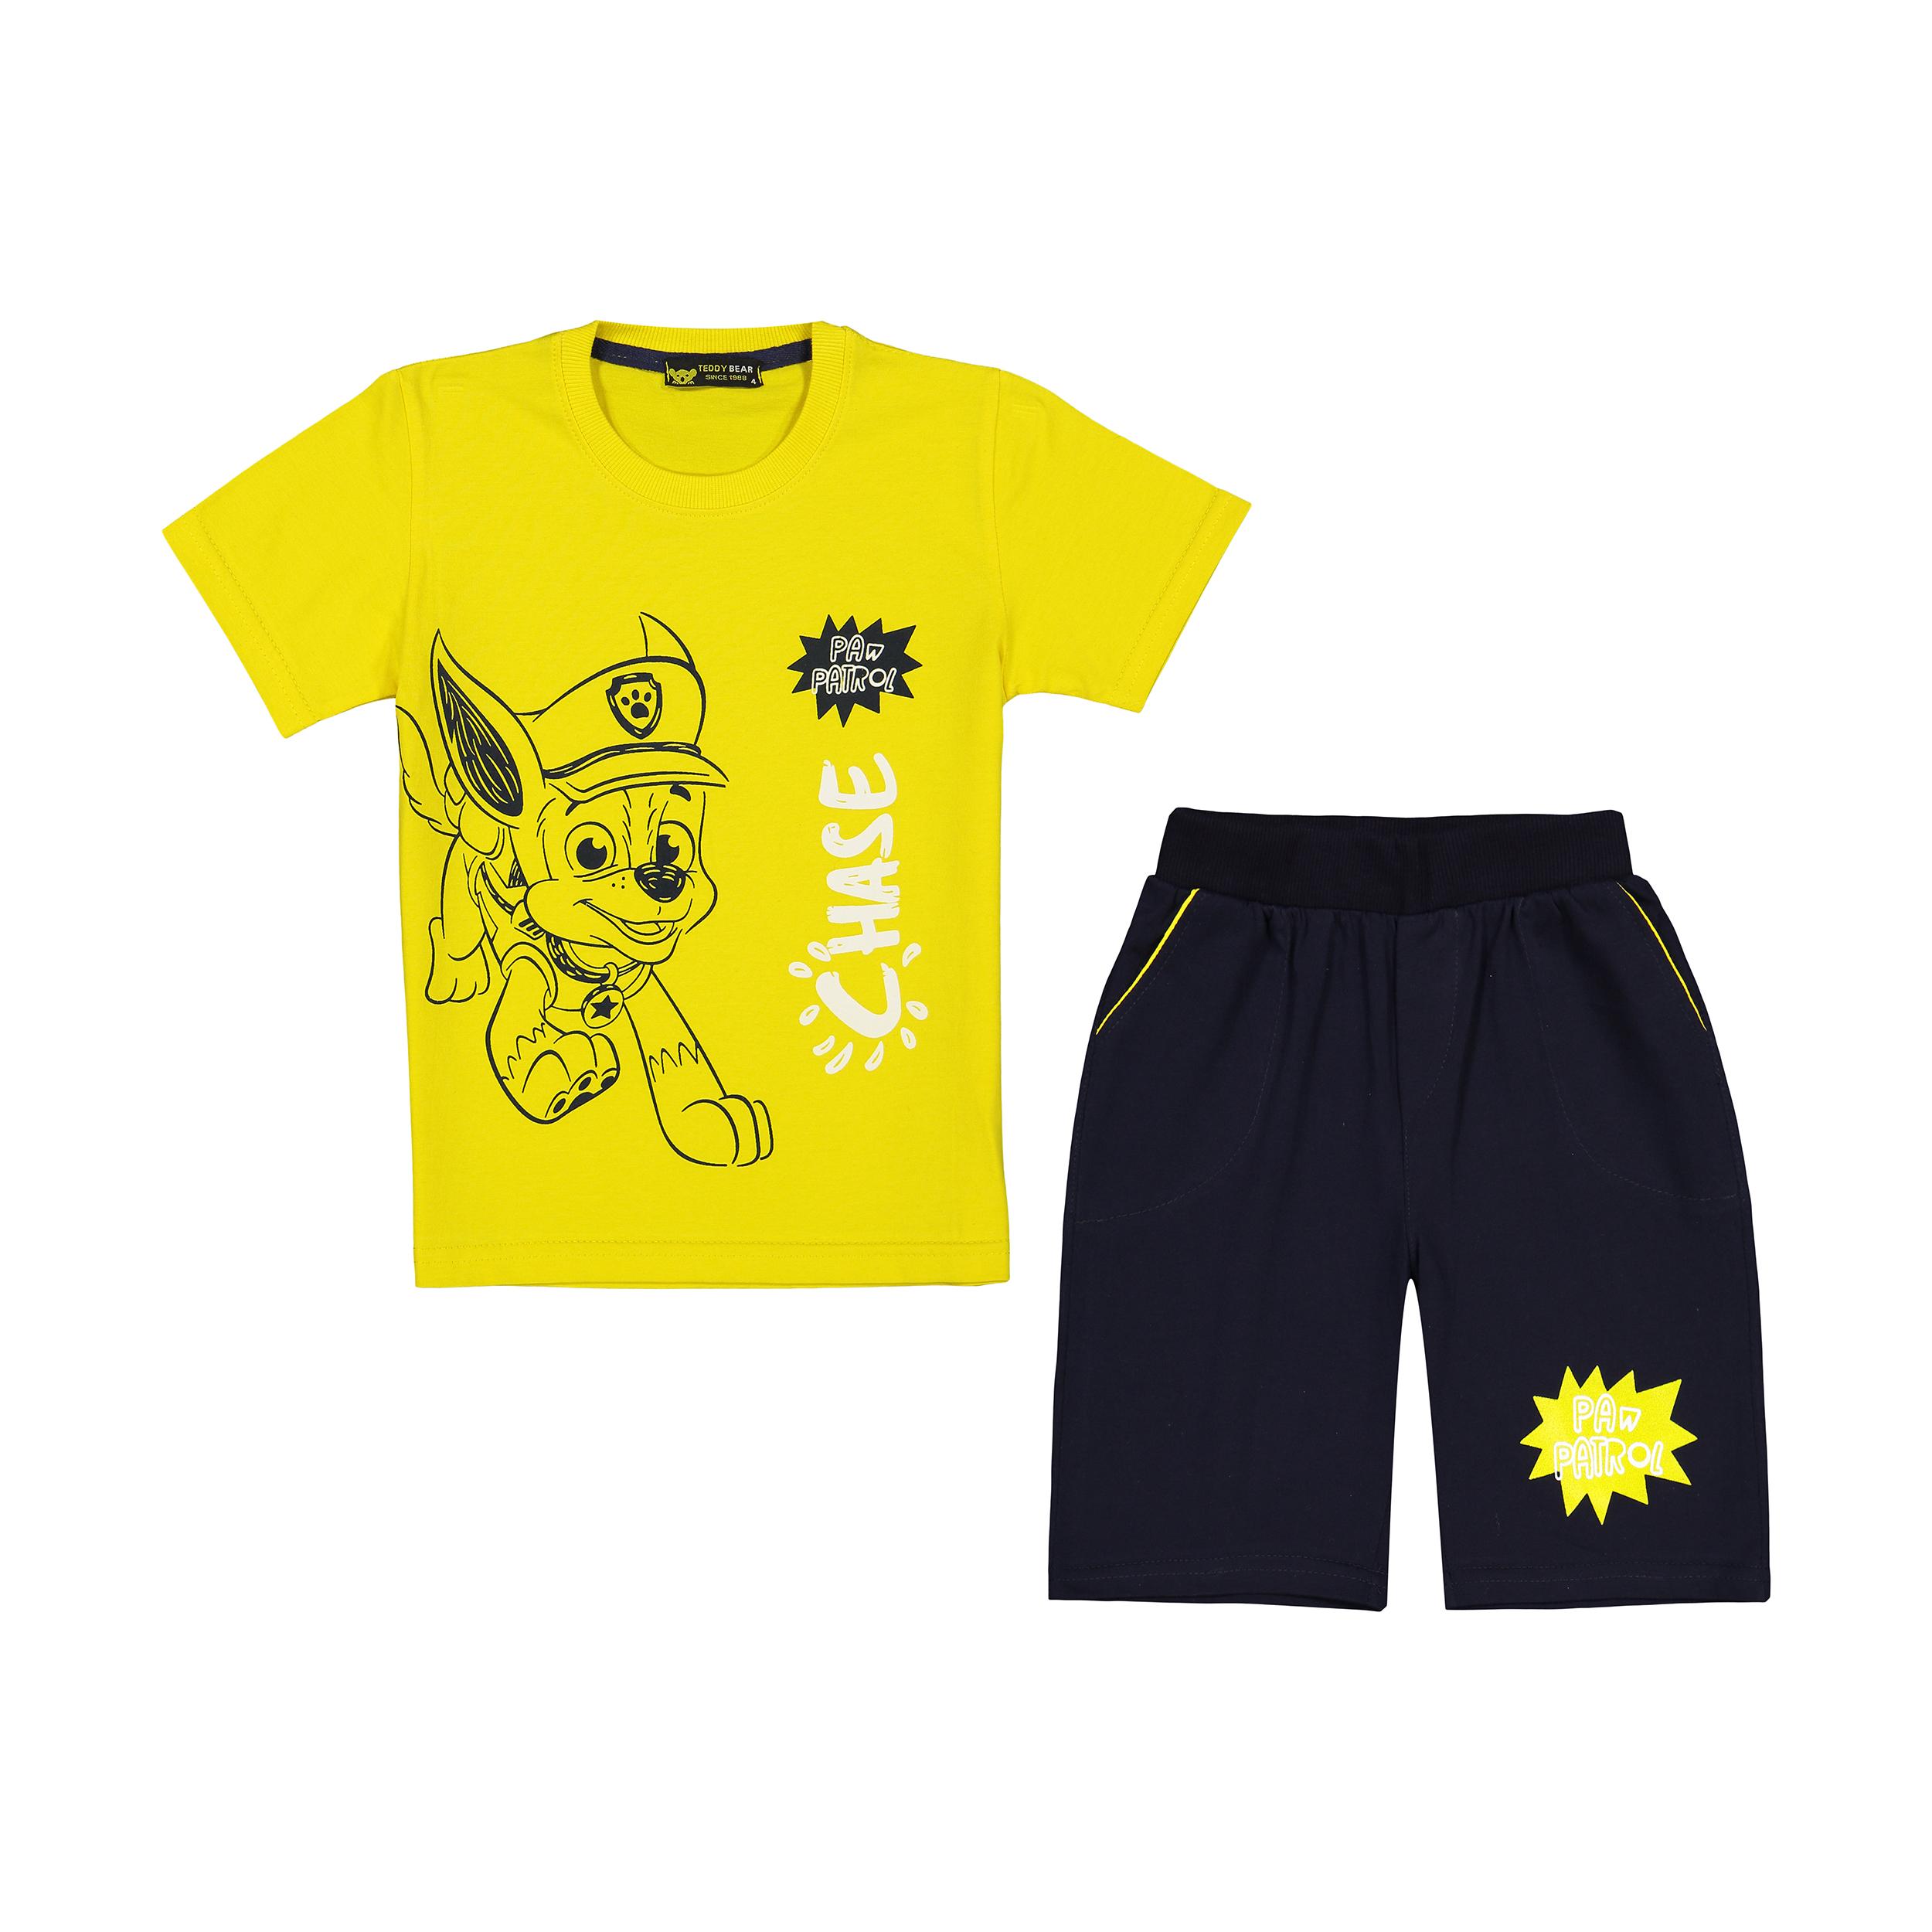 ست تی شرت و شلوارک پسرانه خرس کوچولو مدل 2011211-16